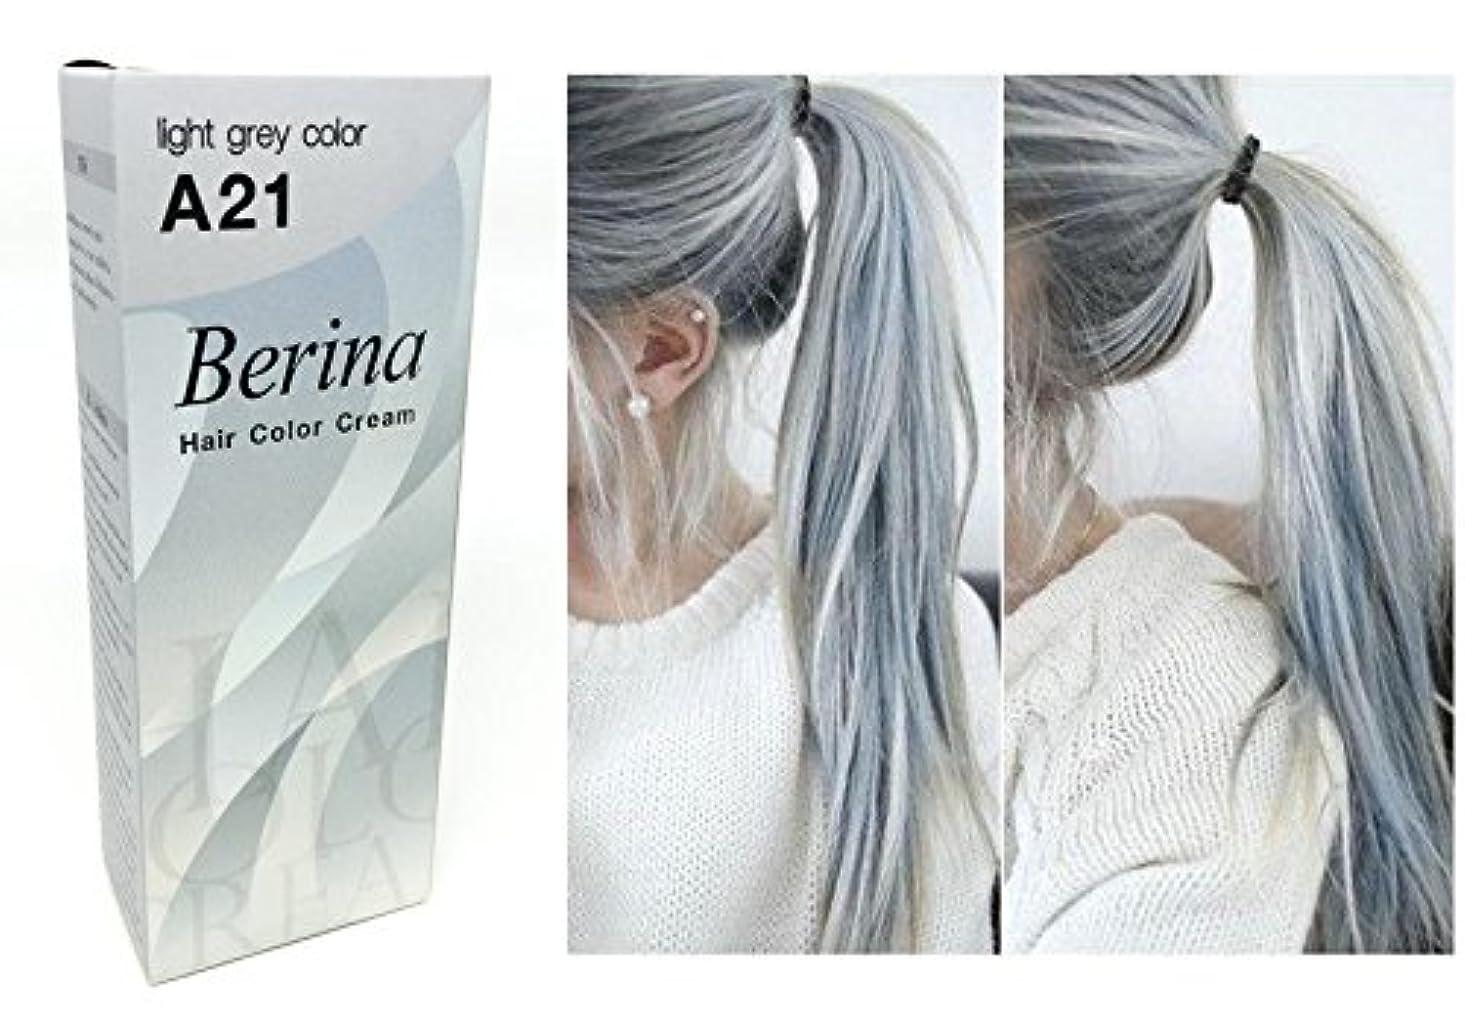 鎖情熱ベッドBerina a21ライトグレーシルバーPermanent Hair Dyeカラークリームユニセックス – パンクスタイル